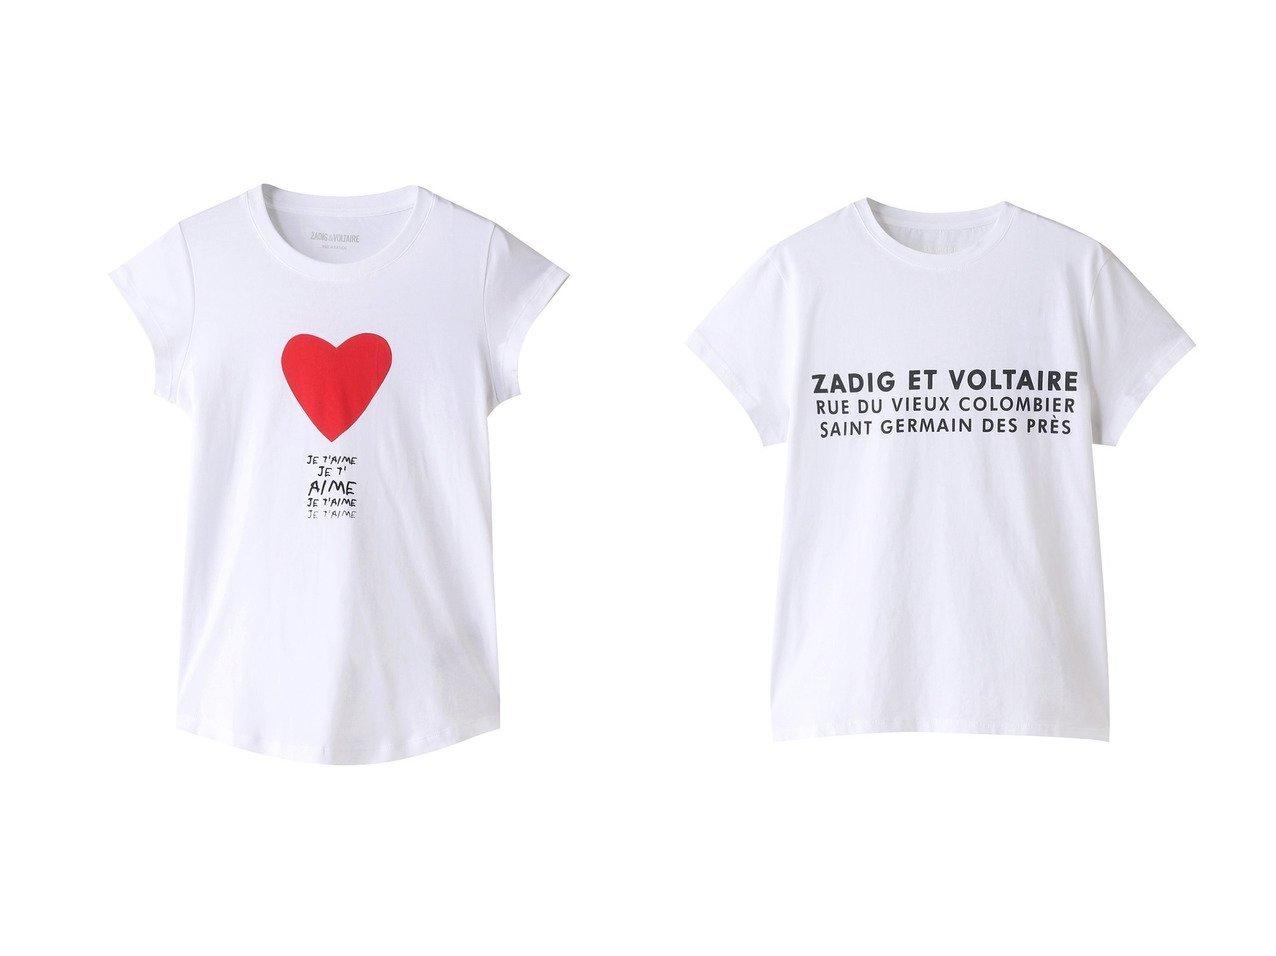 【ZADIG & VOLTAIRE/ザディグ エ ヴォルテール】のZOE ZV ADDRESS T-SHIRT ORGANIC COTON PRINT Tシャツ&SKINNY JE T AIME T-SHIRT COTON INTERLOCK Tシャツ 【トップス・カットソー】おすすめ!人気、トレンド・レディースファッションの通販  おすすめで人気の流行・トレンド、ファッションの通販商品 メンズファッション・キッズファッション・インテリア・家具・レディースファッション・服の通販 founy(ファニー) https://founy.com/ ファッション Fashion レディースファッション WOMEN トップス・カットソー Tops/Tshirt シャツ/ブラウス Shirts/Blouses ロング / Tシャツ T-Shirts カットソー Cut and Sewn ワンピース Dress ドレス Party Dresses 2021年 2021 2021春夏・S/S SS/Spring/Summer/2021 S/S・春夏 SS・Spring/Summer おすすめ Recommend ショート スリーブ フロント プリント 春 Spring |ID:crp329100000028305